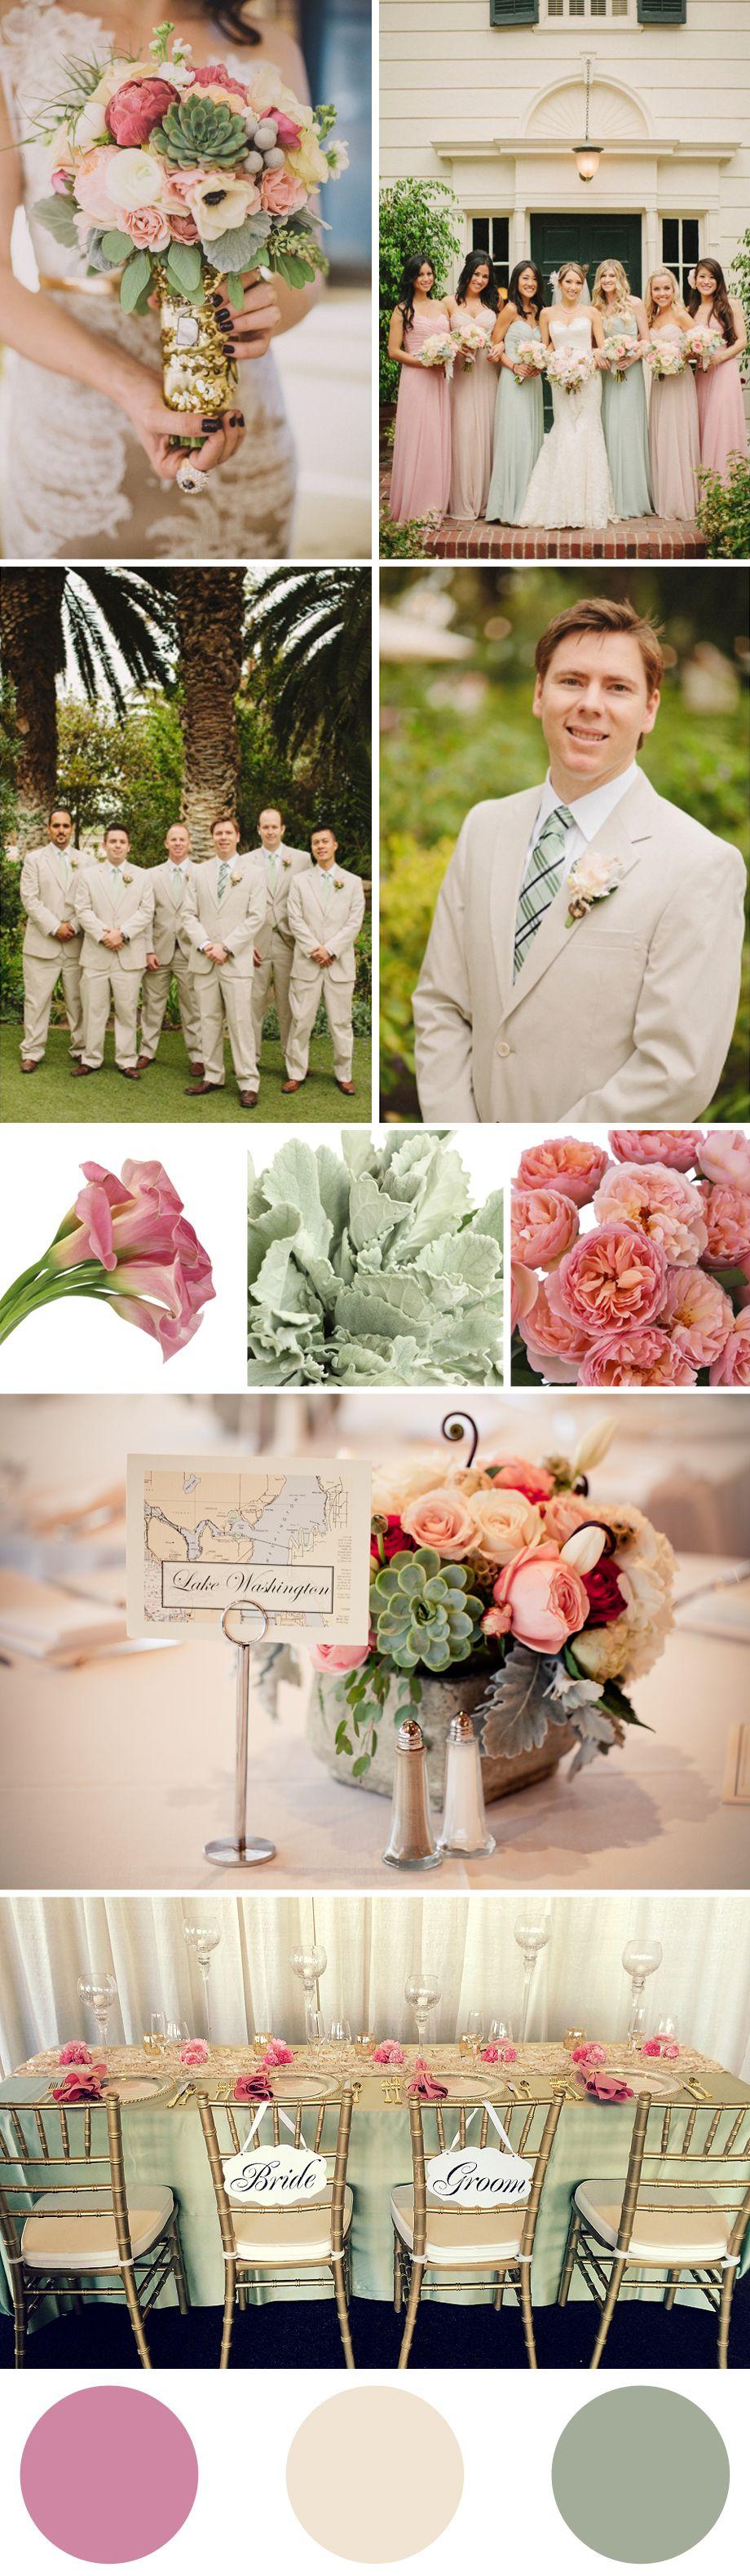 sage and peach wedding color palette rusticwedding farmwedding